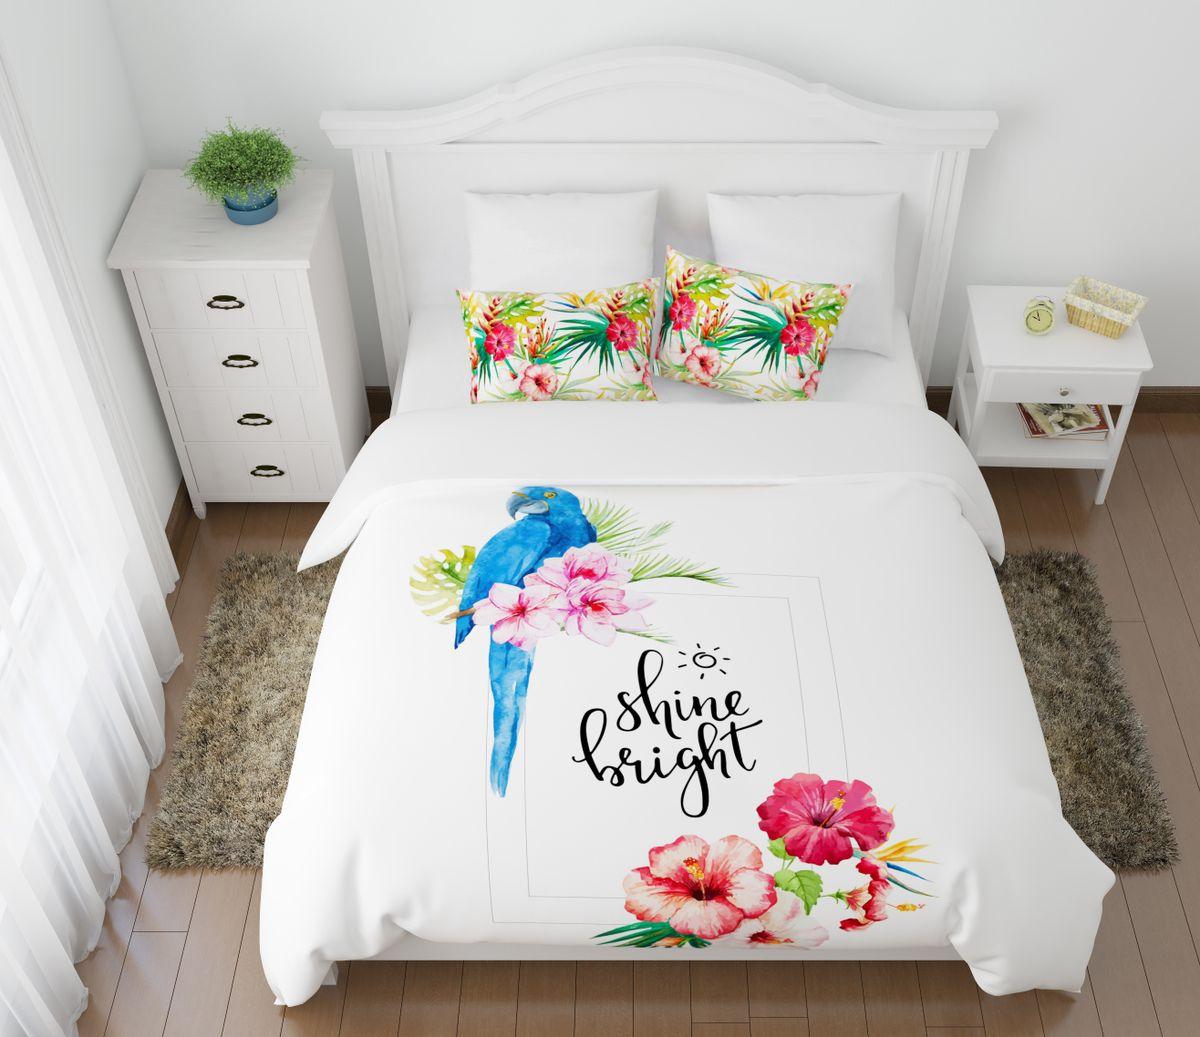 Комплект белья Сирень Голубой попугай, семейный, наволочки 50х70, 70х70S03301004Комплект постельного белья Сирень выполнен из прочной и мягкой ткани. Четкий и стильный рисунок в сочетании с насыщенными красками делают комплект постельного белья неповторимой изюминкой любого интерьера.Постельное белье идеально подойдет для подарка. Идеальное соотношение смешенной ткани и гипоаллергенных красок - это гарантия здорового, спокойного сна. Ткань хорошо впитывает влагу, надолго сохраняет яркость красок.В комплект входят: простынь, пододеяльник, четыре наволочки. Постельное белье легко стирать при 30-40°С, гладить при 150°С, не отбеливать. Рекомендуется перед первым использованием постирать.УВАЖАЕМЫЕ КЛИЕНТЫ! Обращаем ваше внимание, что цвет простыни, пододеяльника, наволочки в комплектации может немного отличаться от представленного на фото.